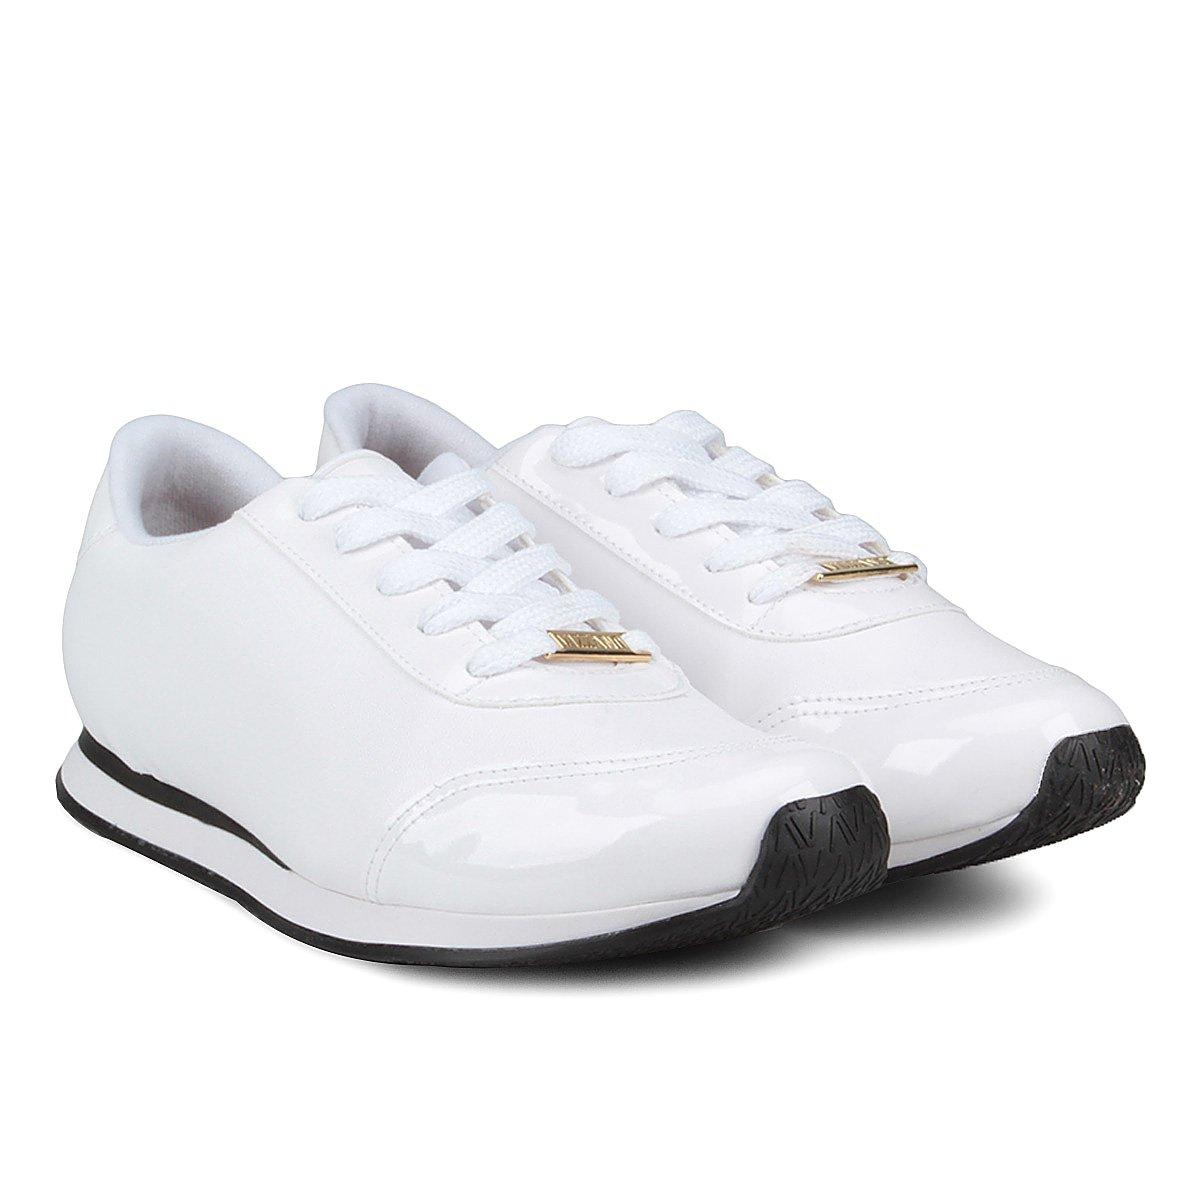 28e858728f Tênis Vizzano Jogging Básico Feminino - Branco